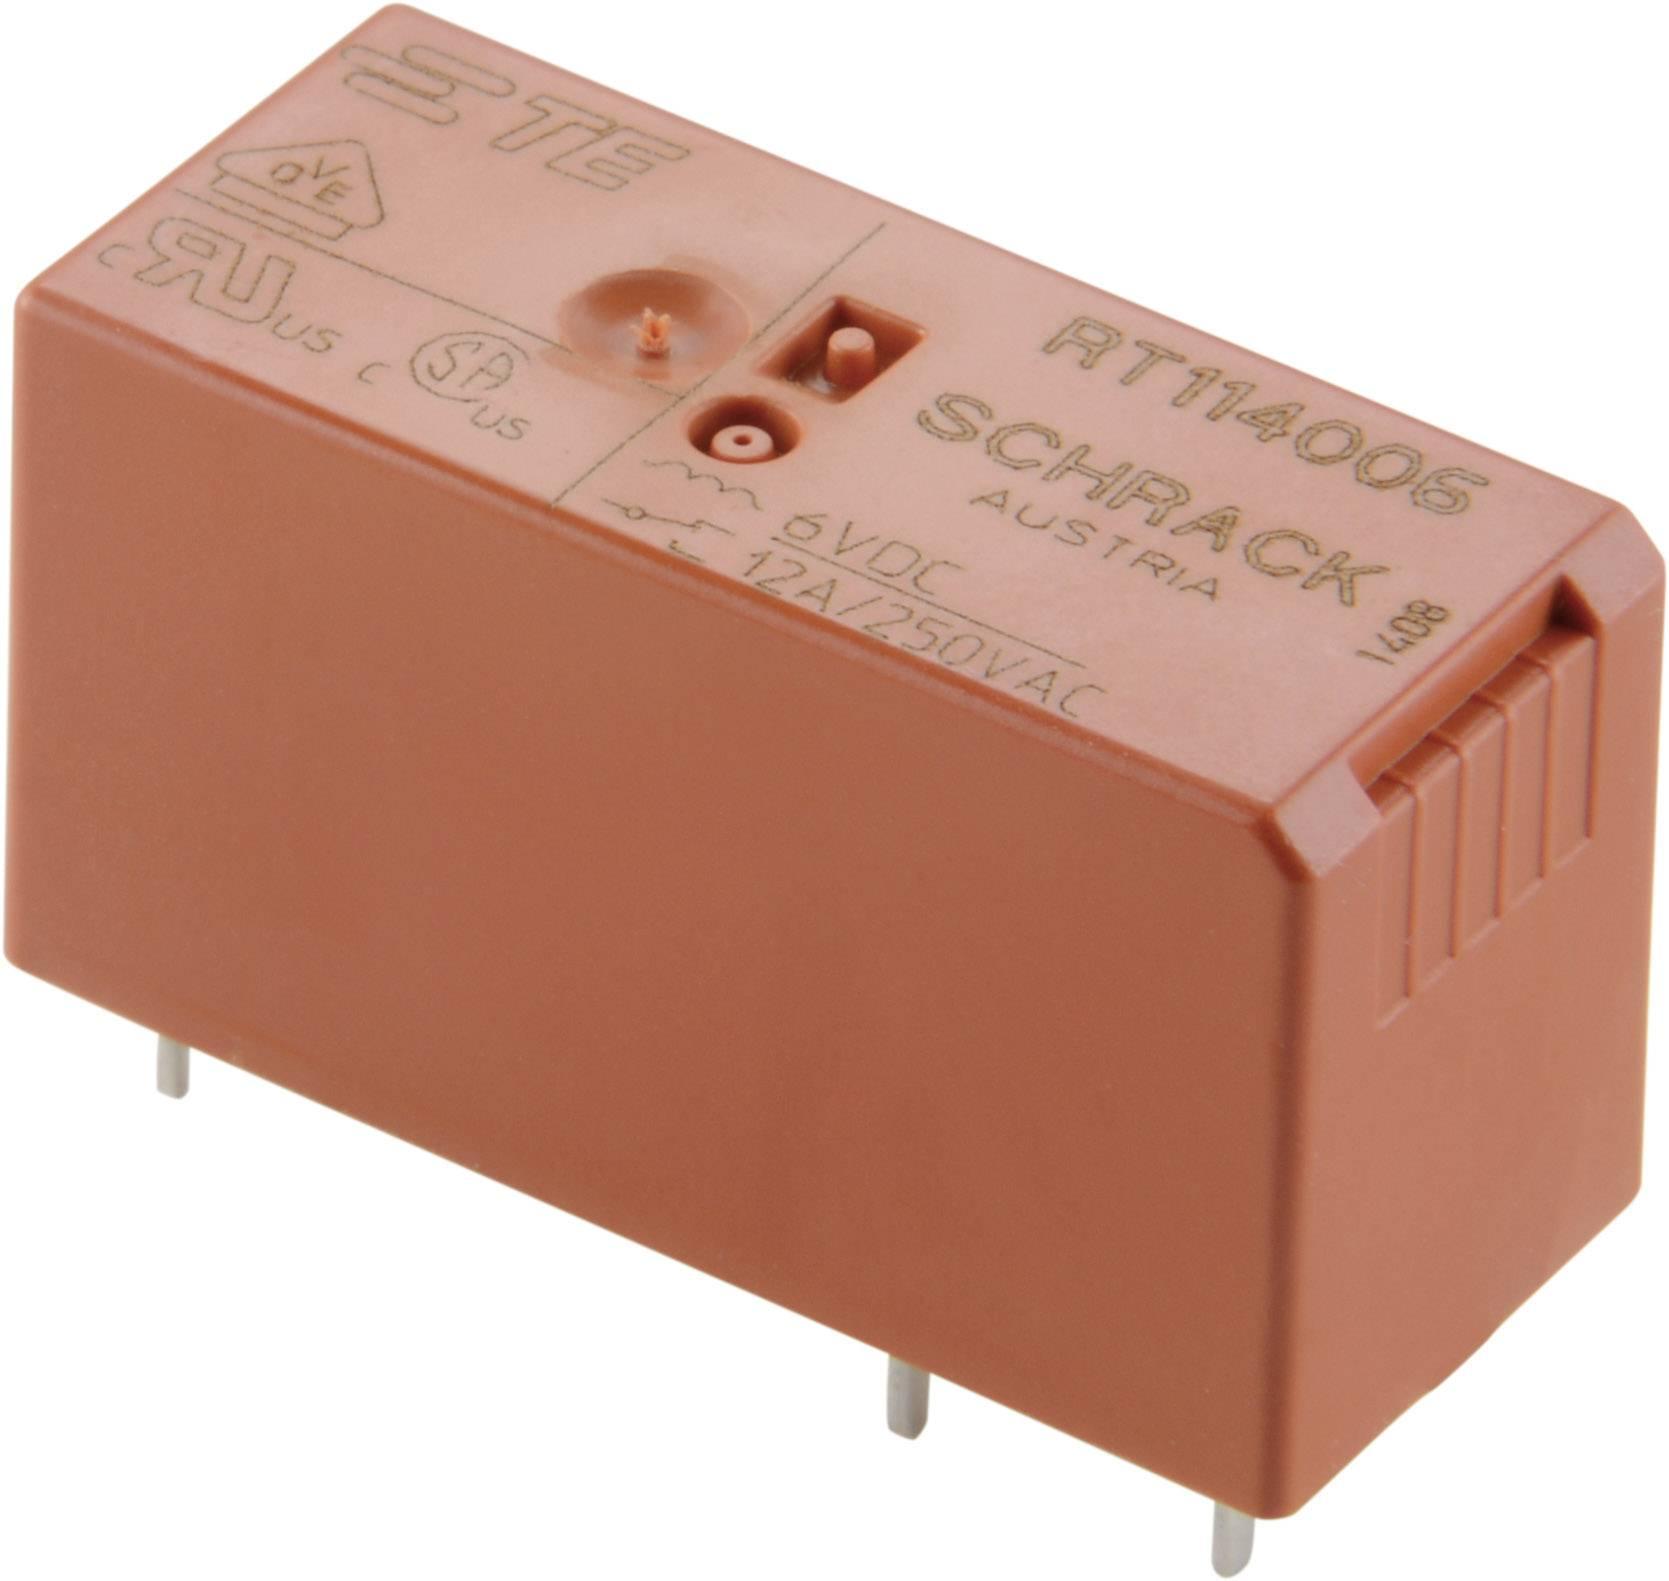 1 Wechsler Schrack RT314524 24 V AC